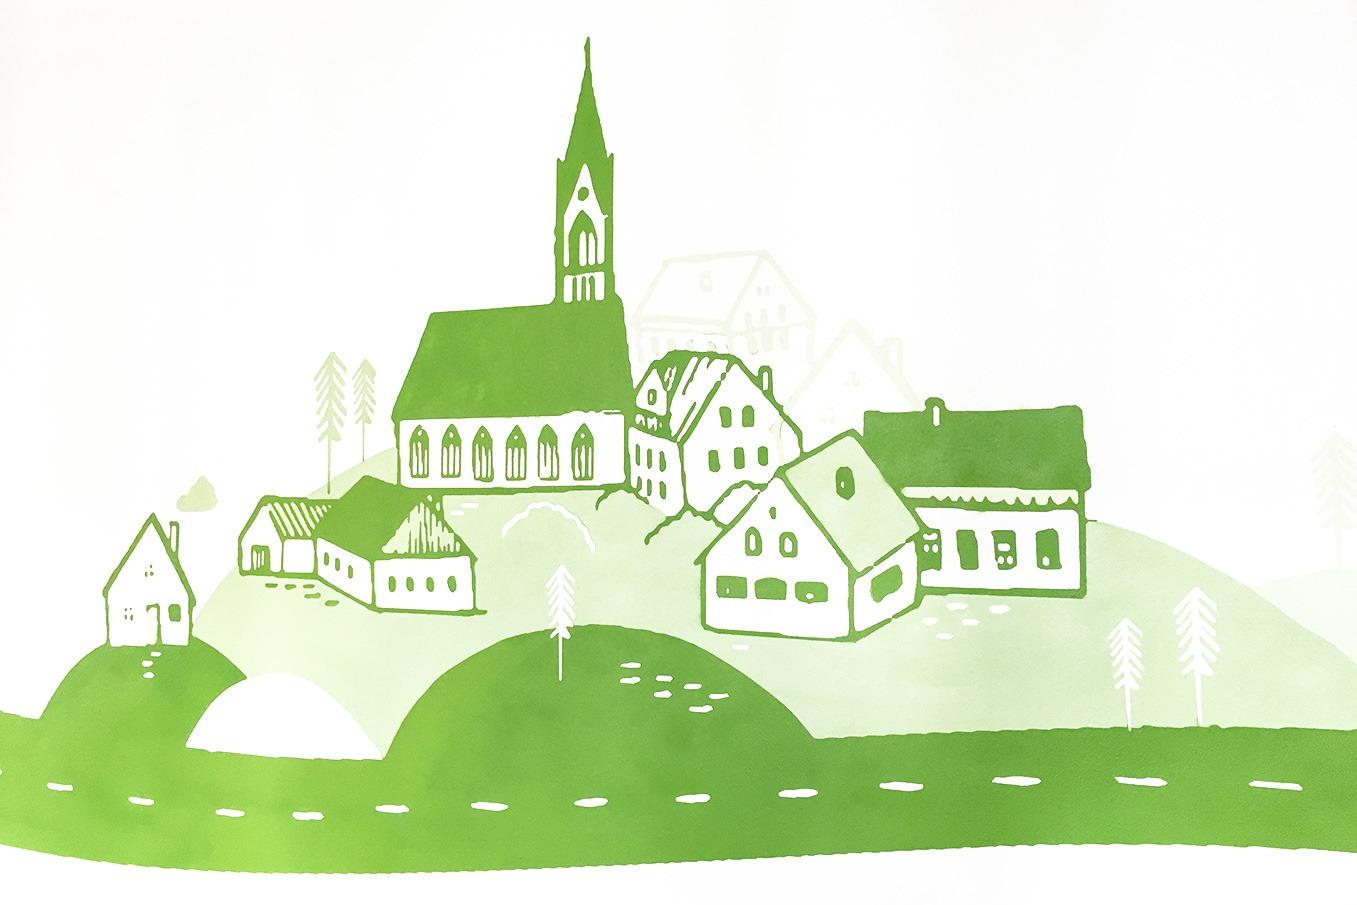 graffitiauftrag-graffitikuenstler-artmos4-Flixbus_München_2017_grafisch_strasse_silhouetten_skyline_Landschaft_schrift_innen_grün_folie_Dienstleistung_fahrzeuge